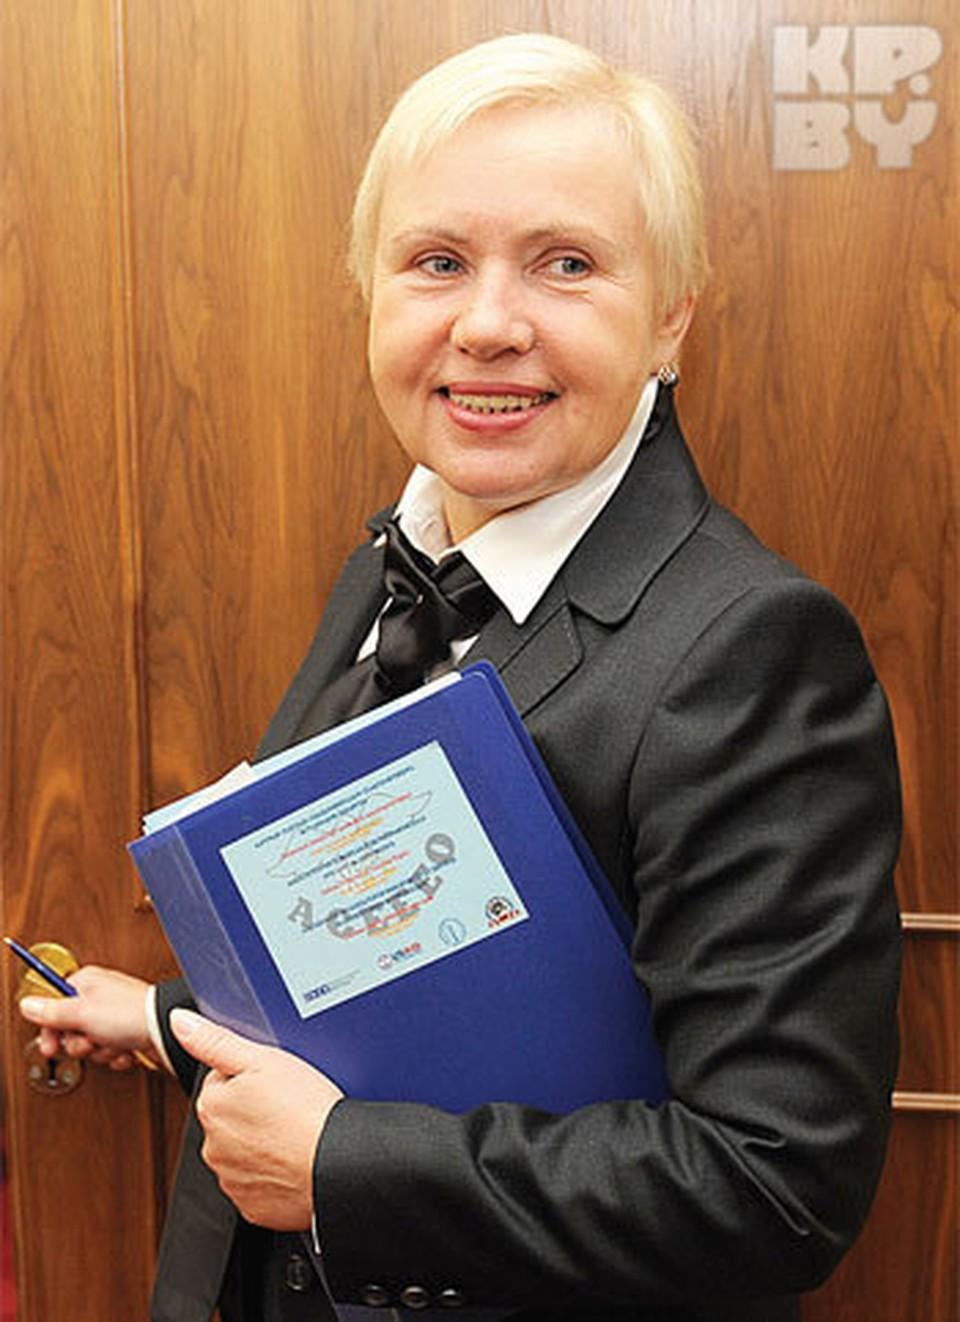 Самыми интересными кампаниями Лидия Ермошина считает президентские выборы.